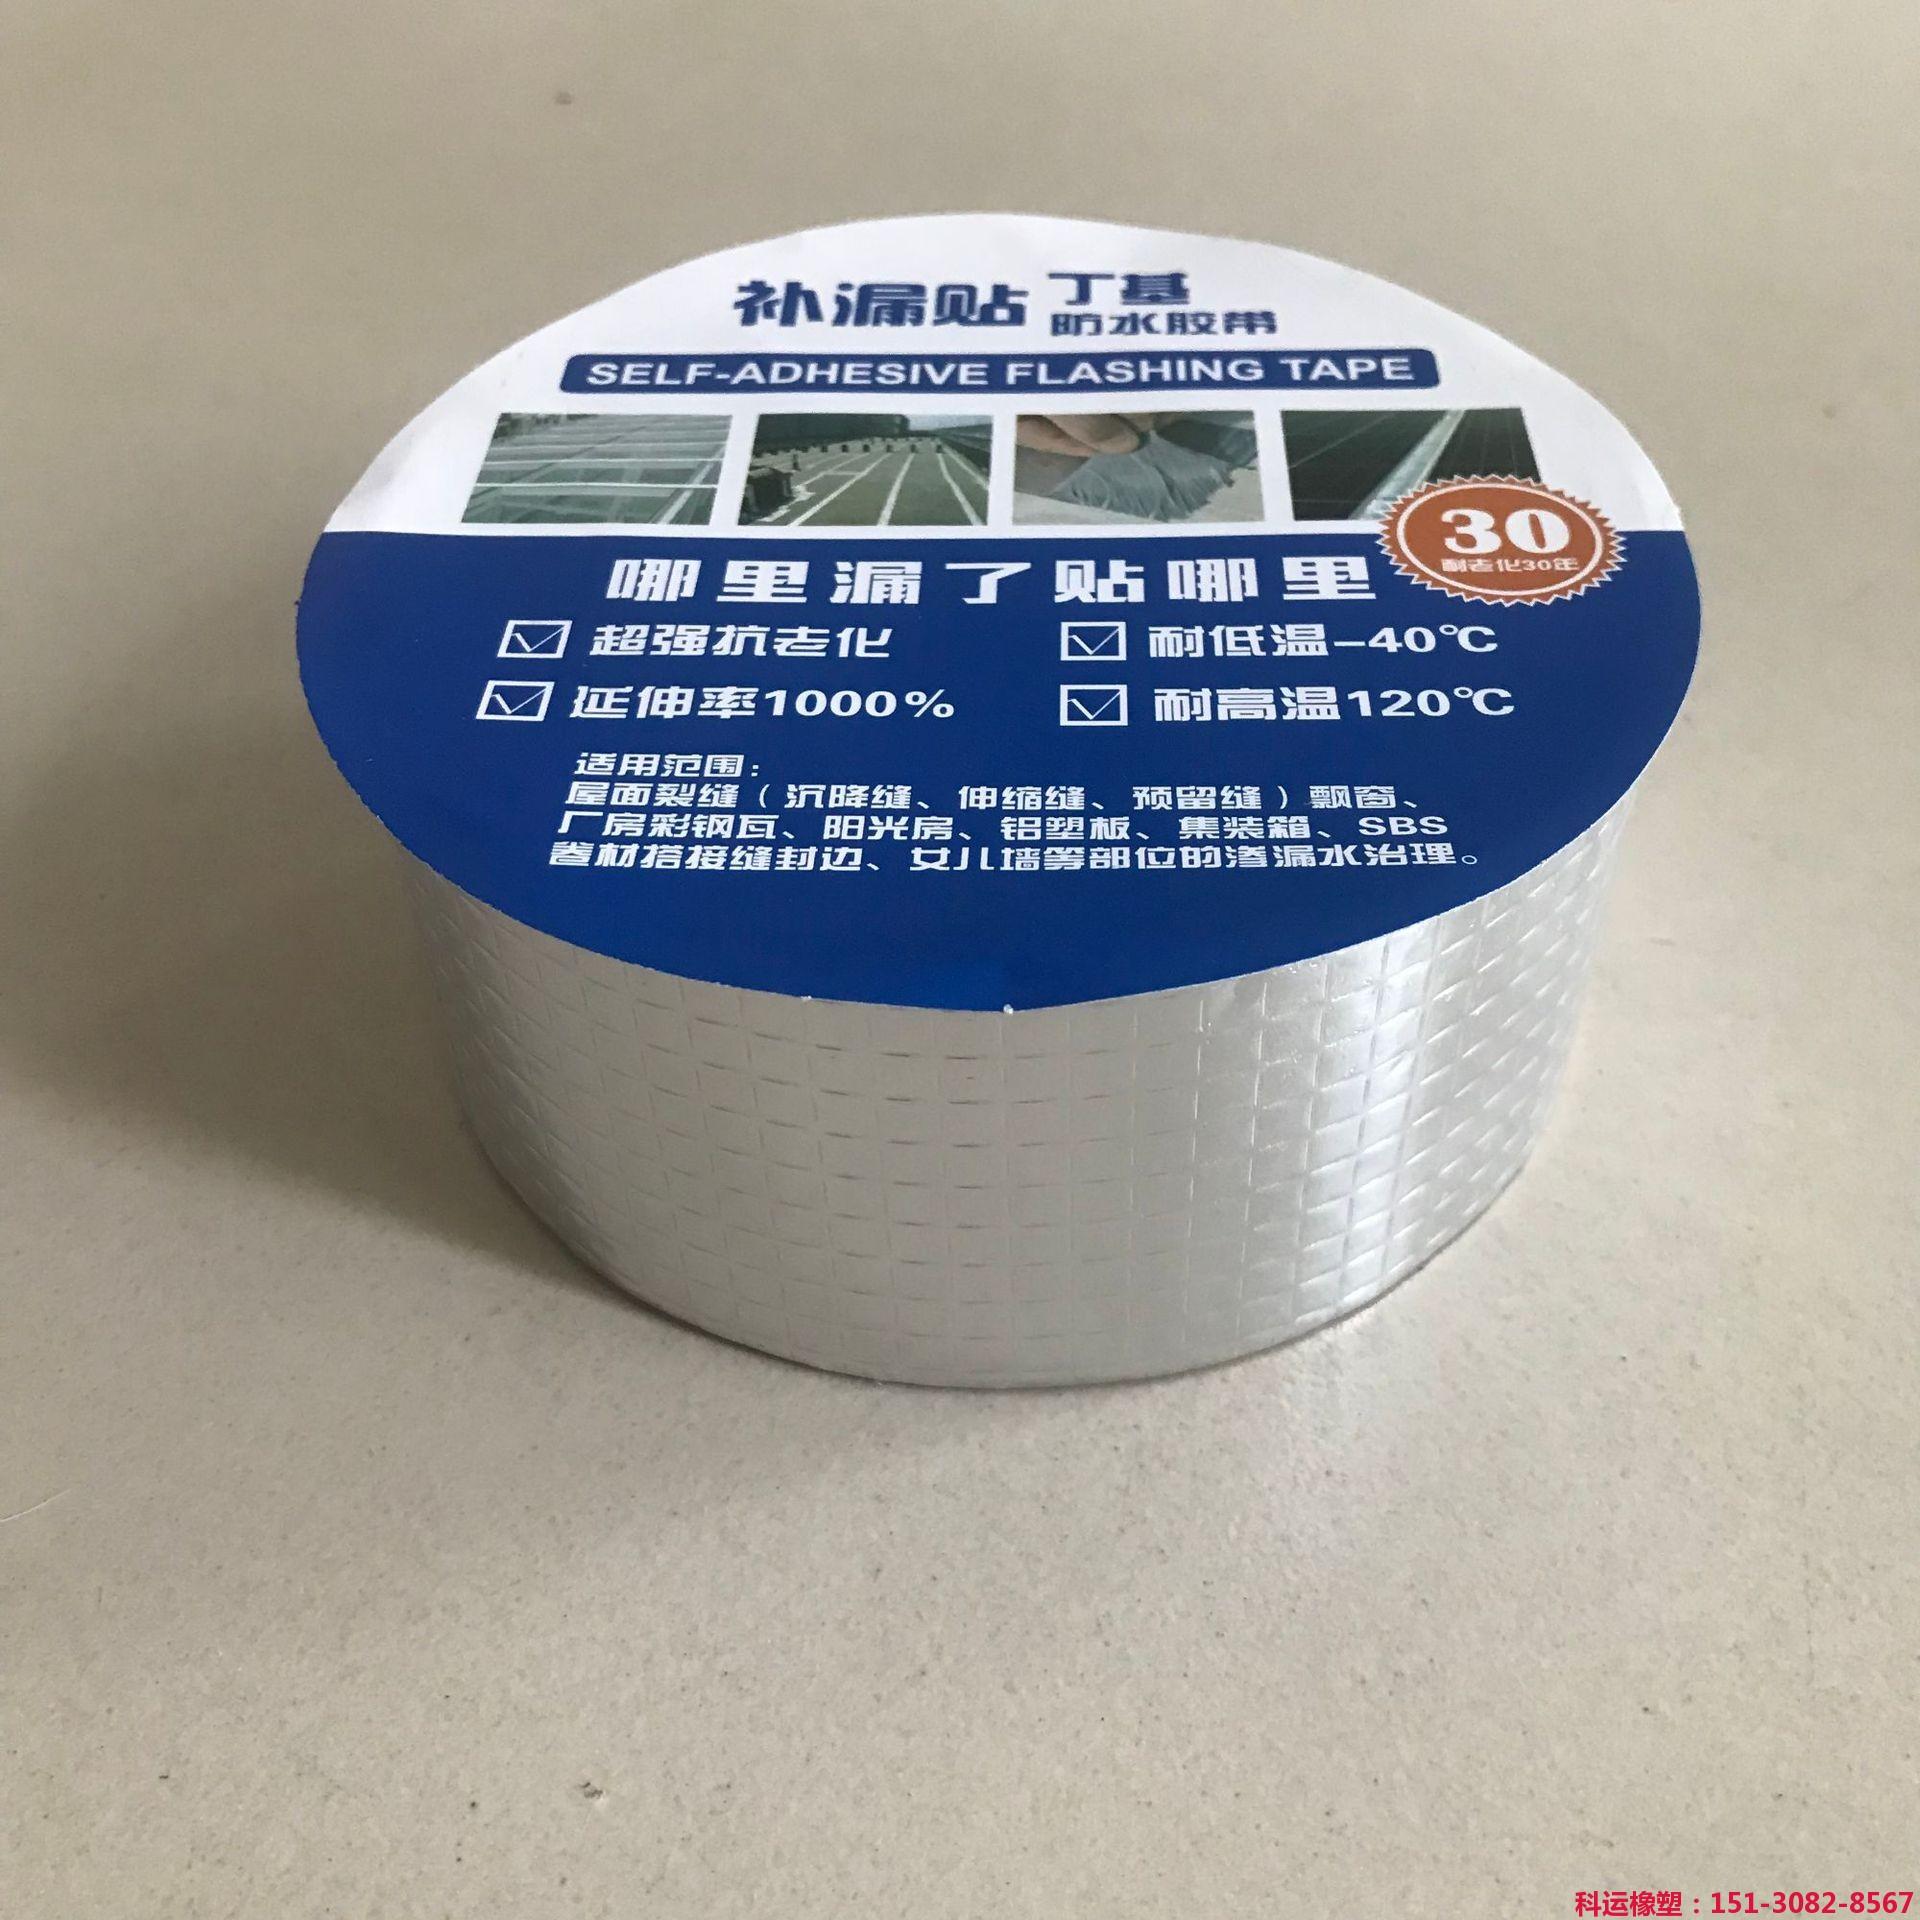 KY-单面丁基自粘防水铝箔胶带1